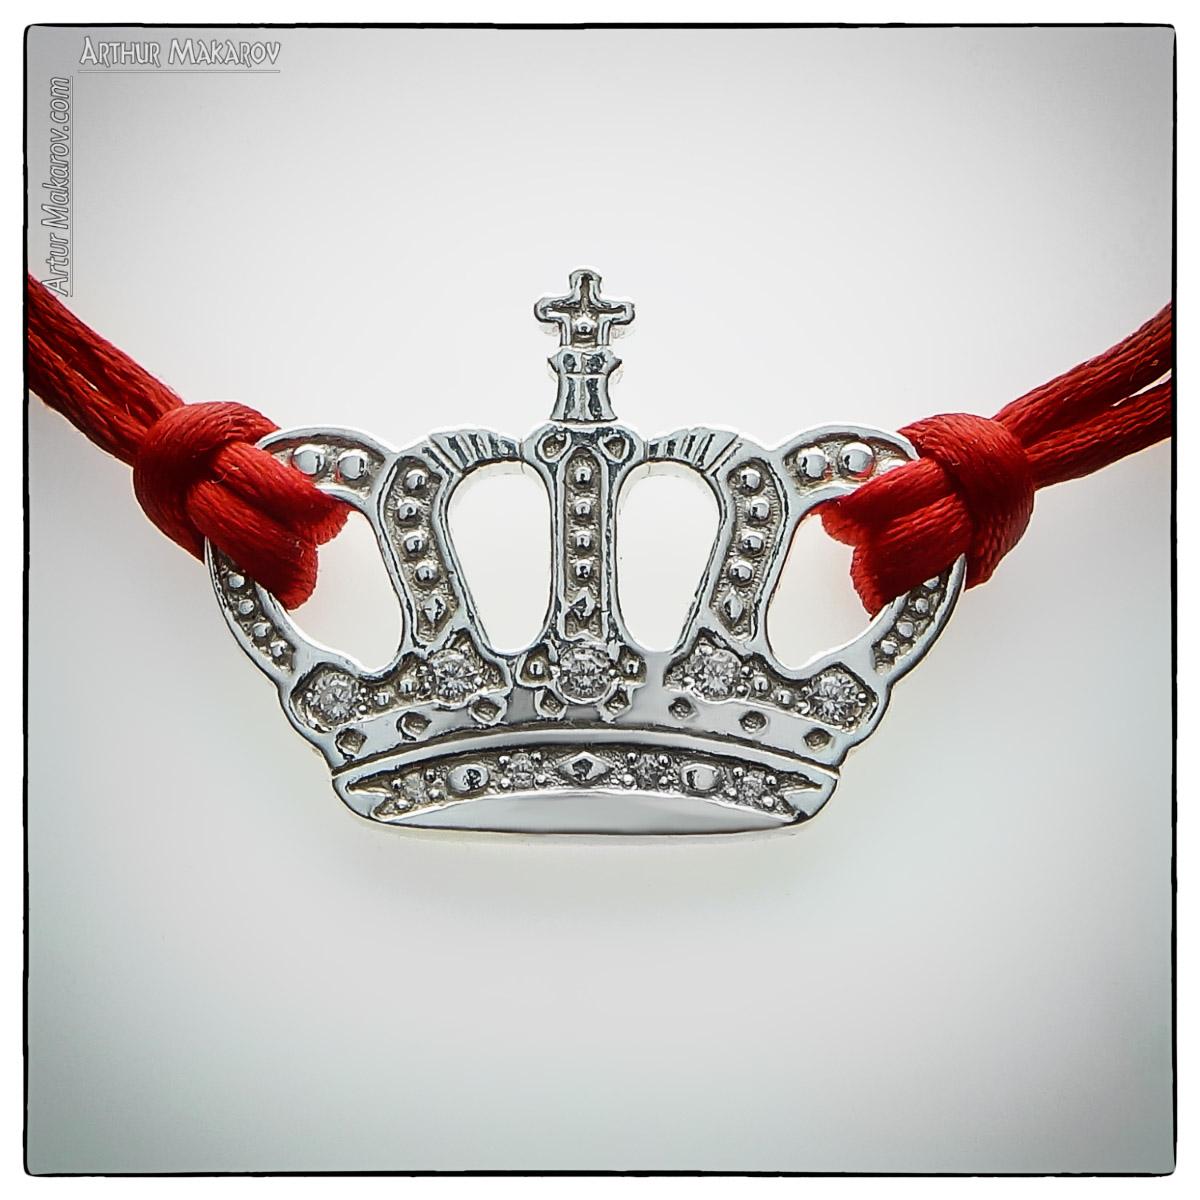 съемка браслета в виде короны